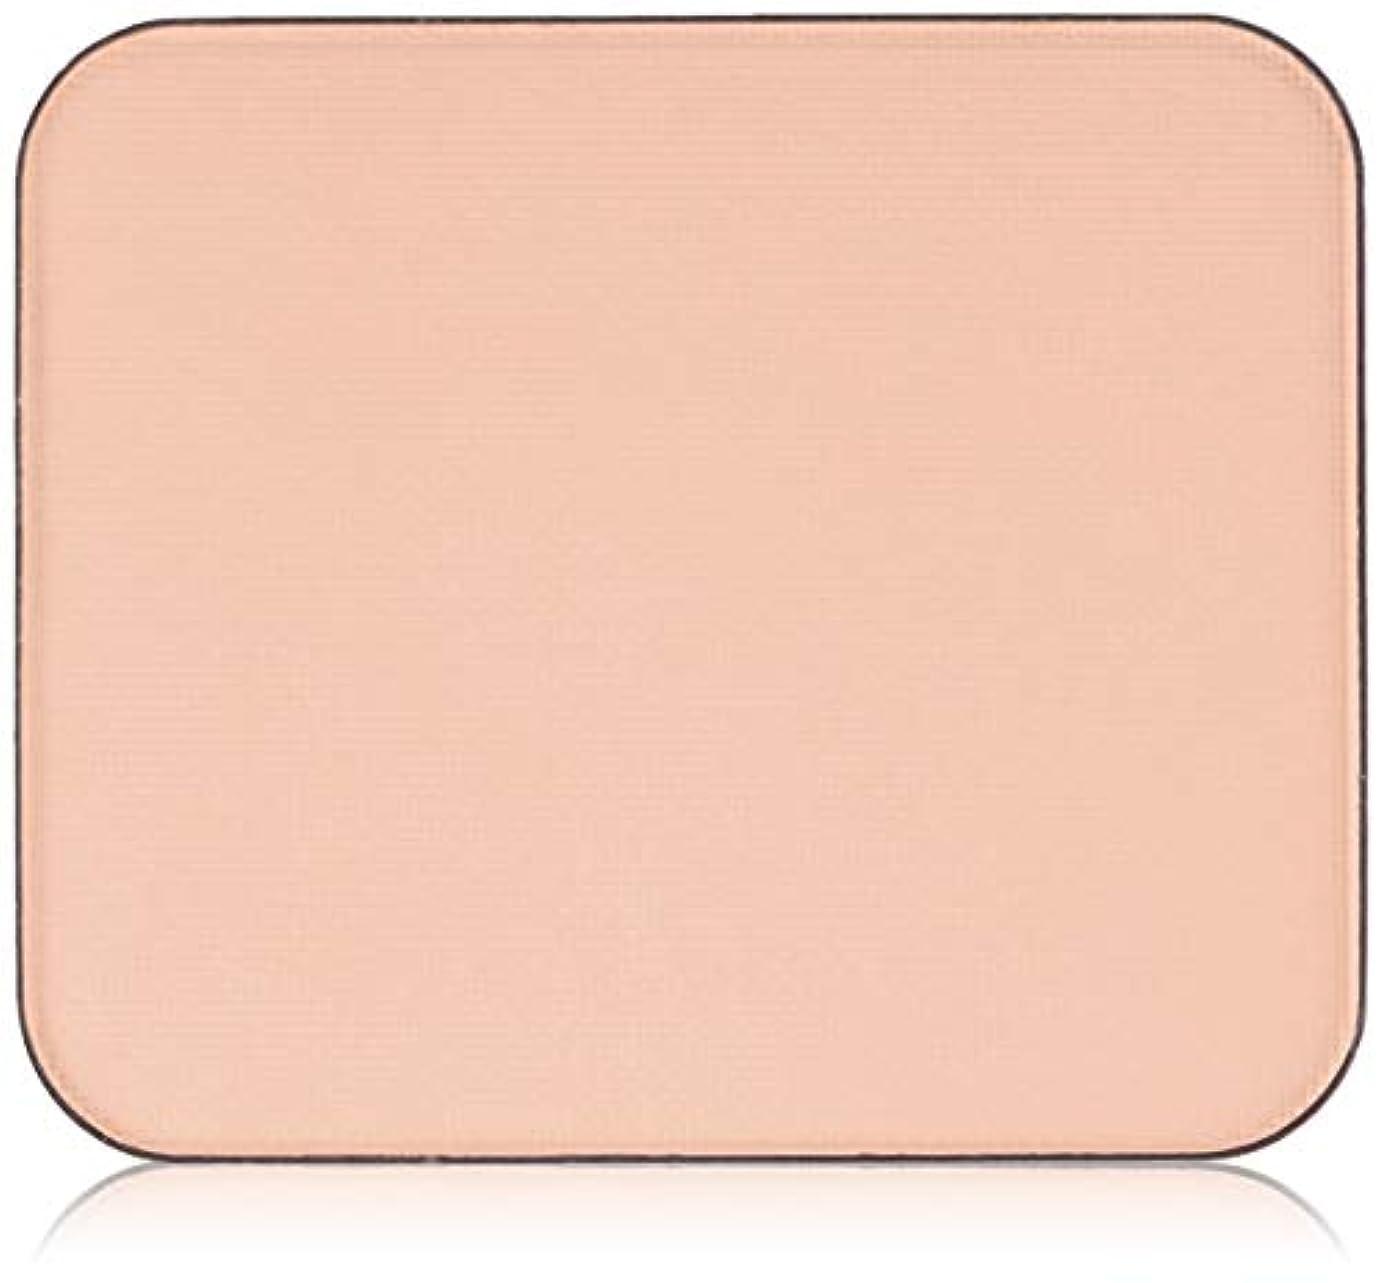 黒板複雑なタイプライターCelvoke(セルヴォーク) インテントスキン パウダーファンデーション 全5色 101 明るいピンクオークル系